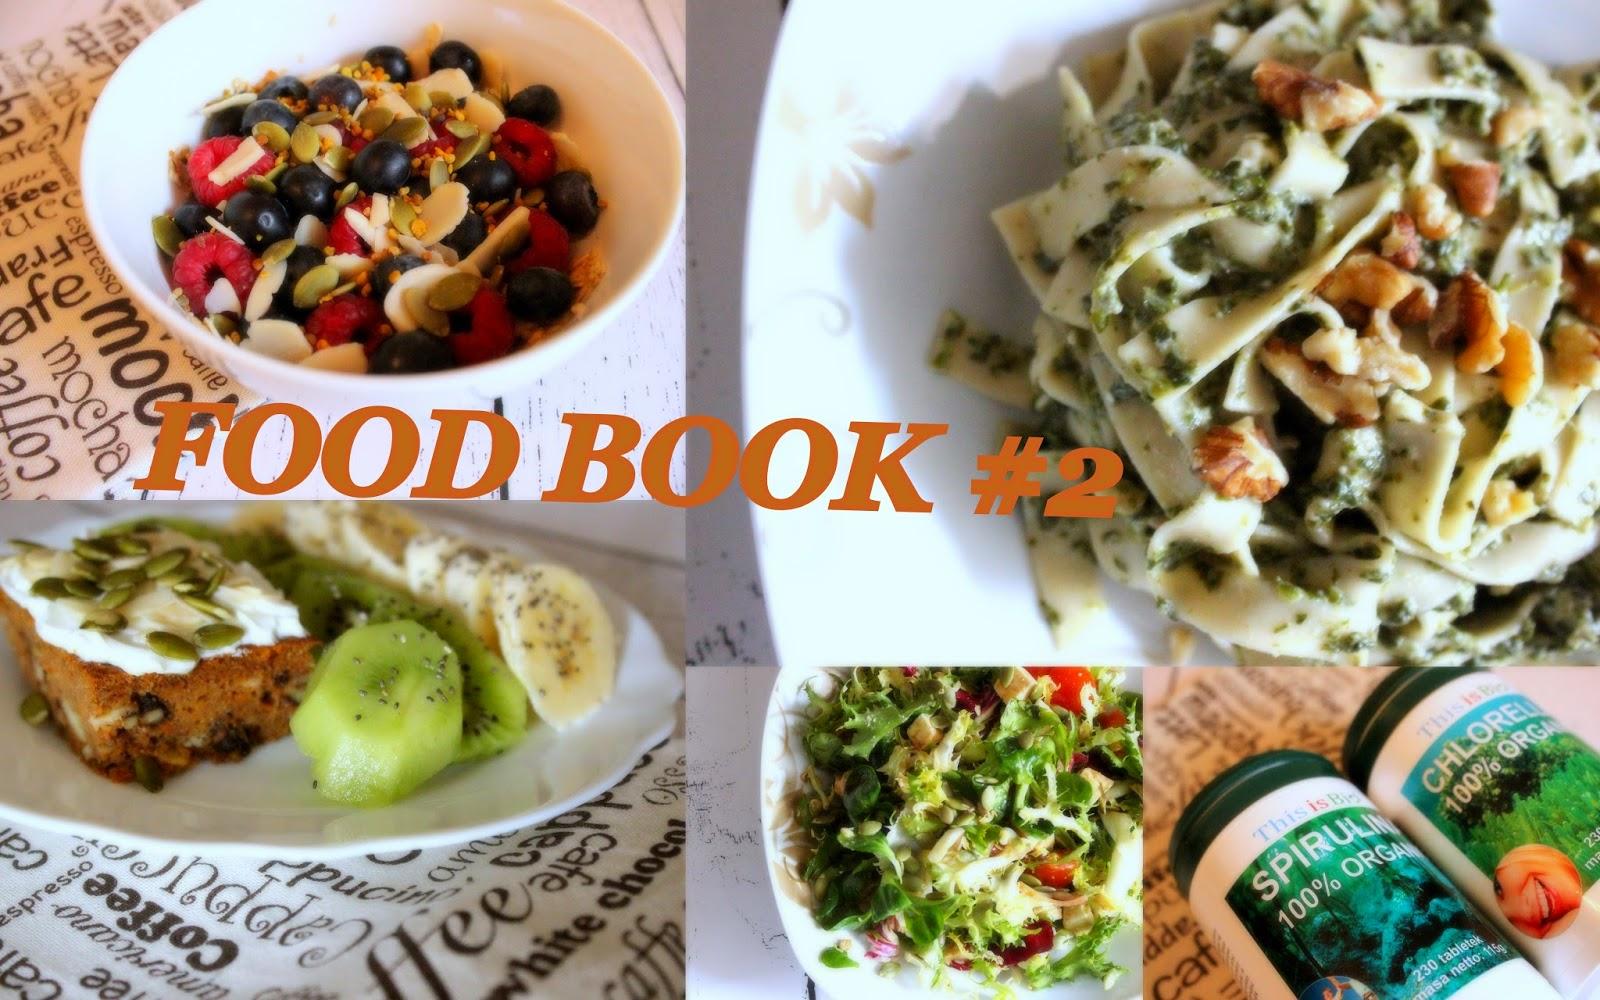 FOOD BOOK #2